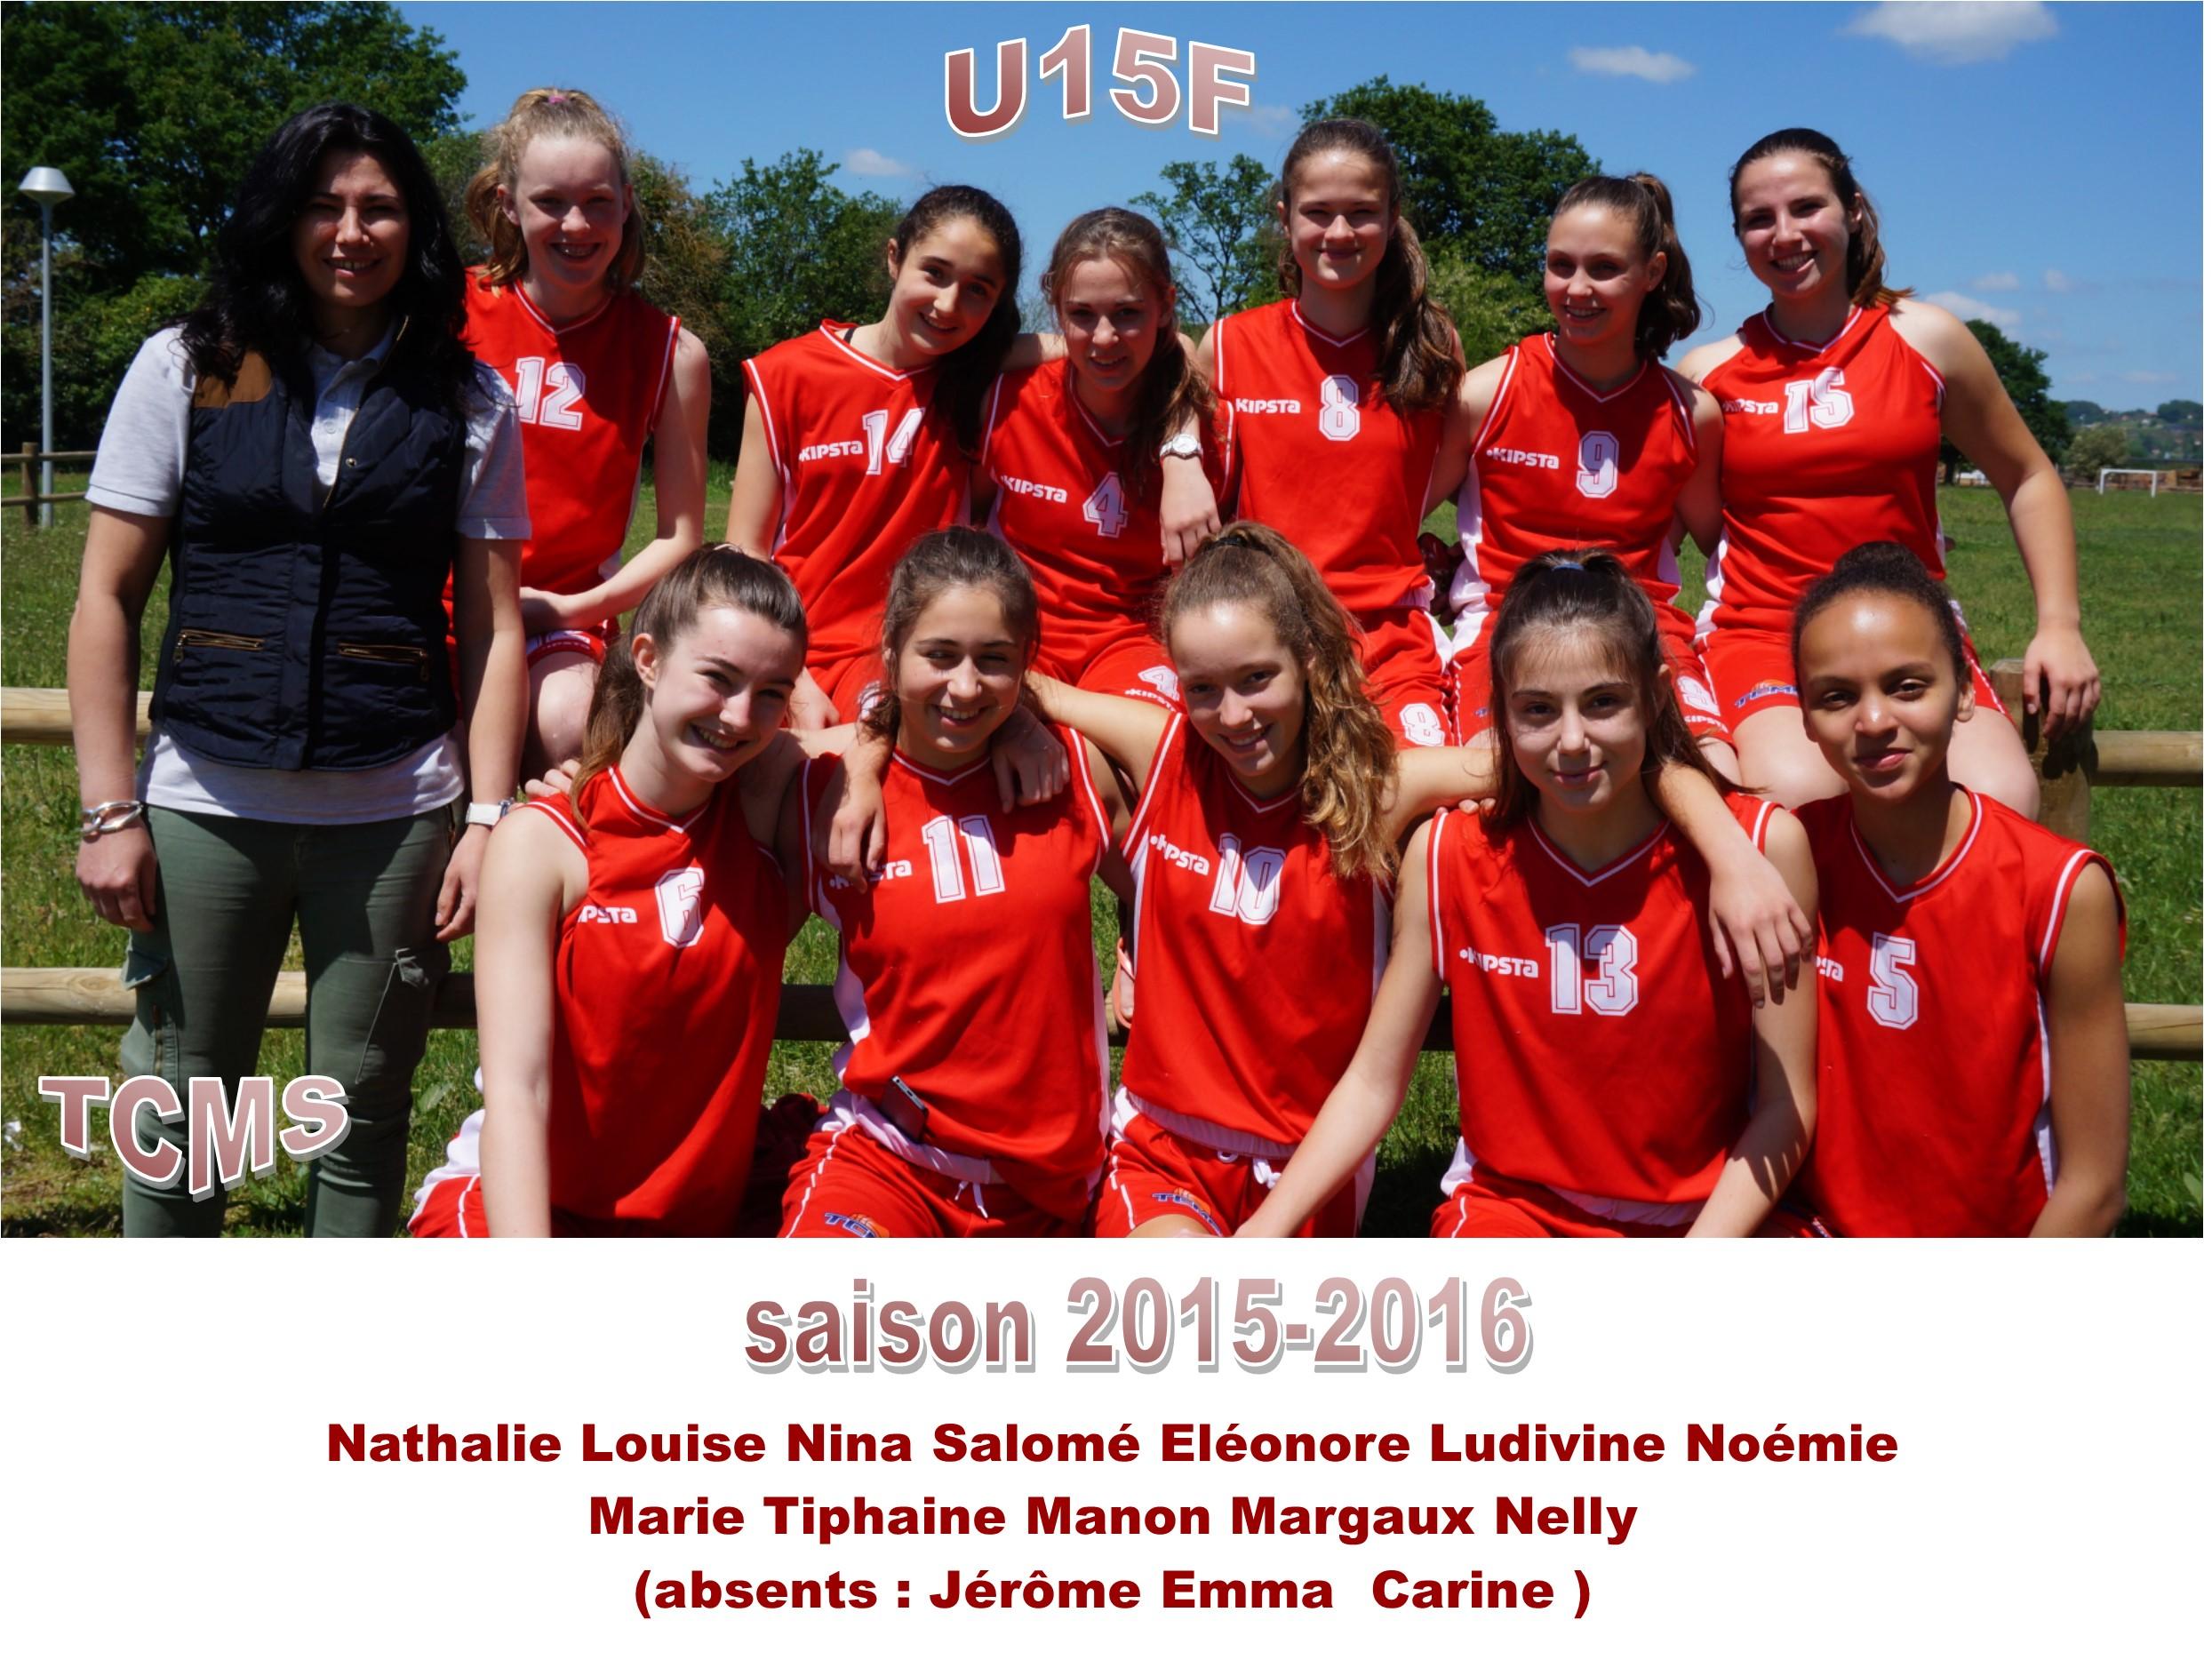 Photo d'équipe U15F / Saison 2015-2016